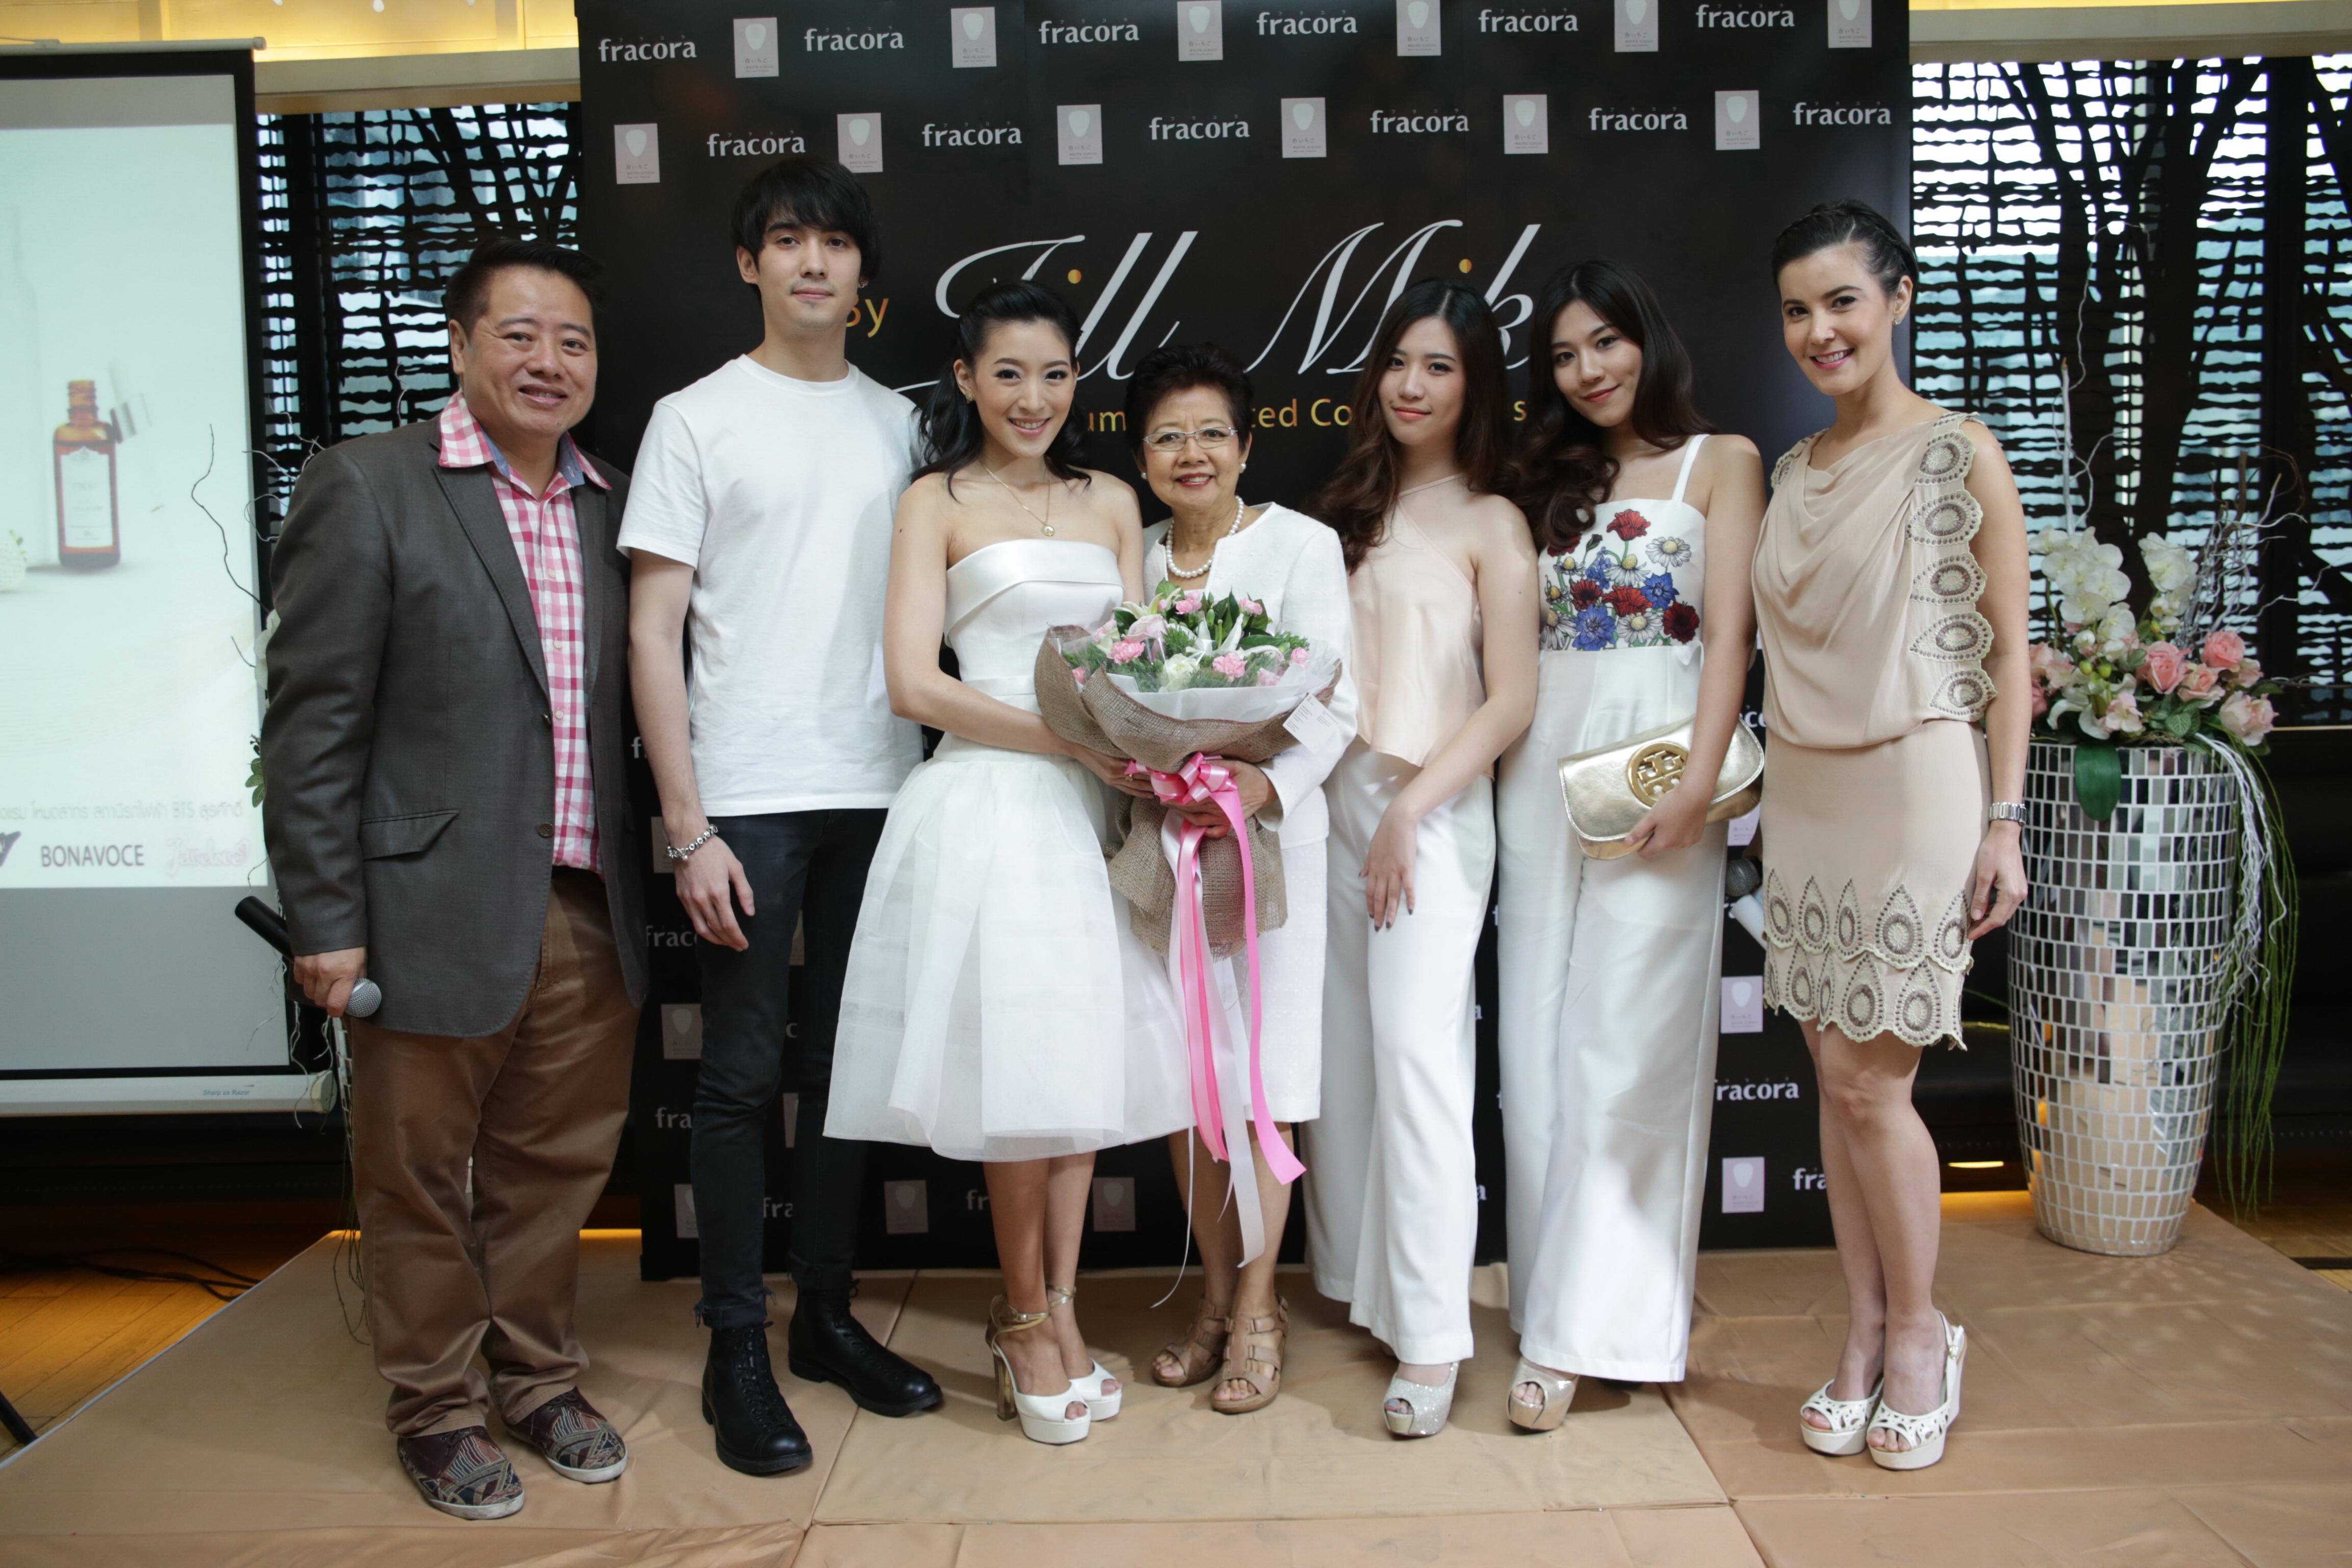 """""""จิลมิกะ"""" เปิดตัวผลิตภัณฑ์ใหม่ ครั้งแรกในประเทศไทย  ยกระดับผิวสวยสุขภาพดี ขาวกระจ่างใส แบบปลอดภัย"""